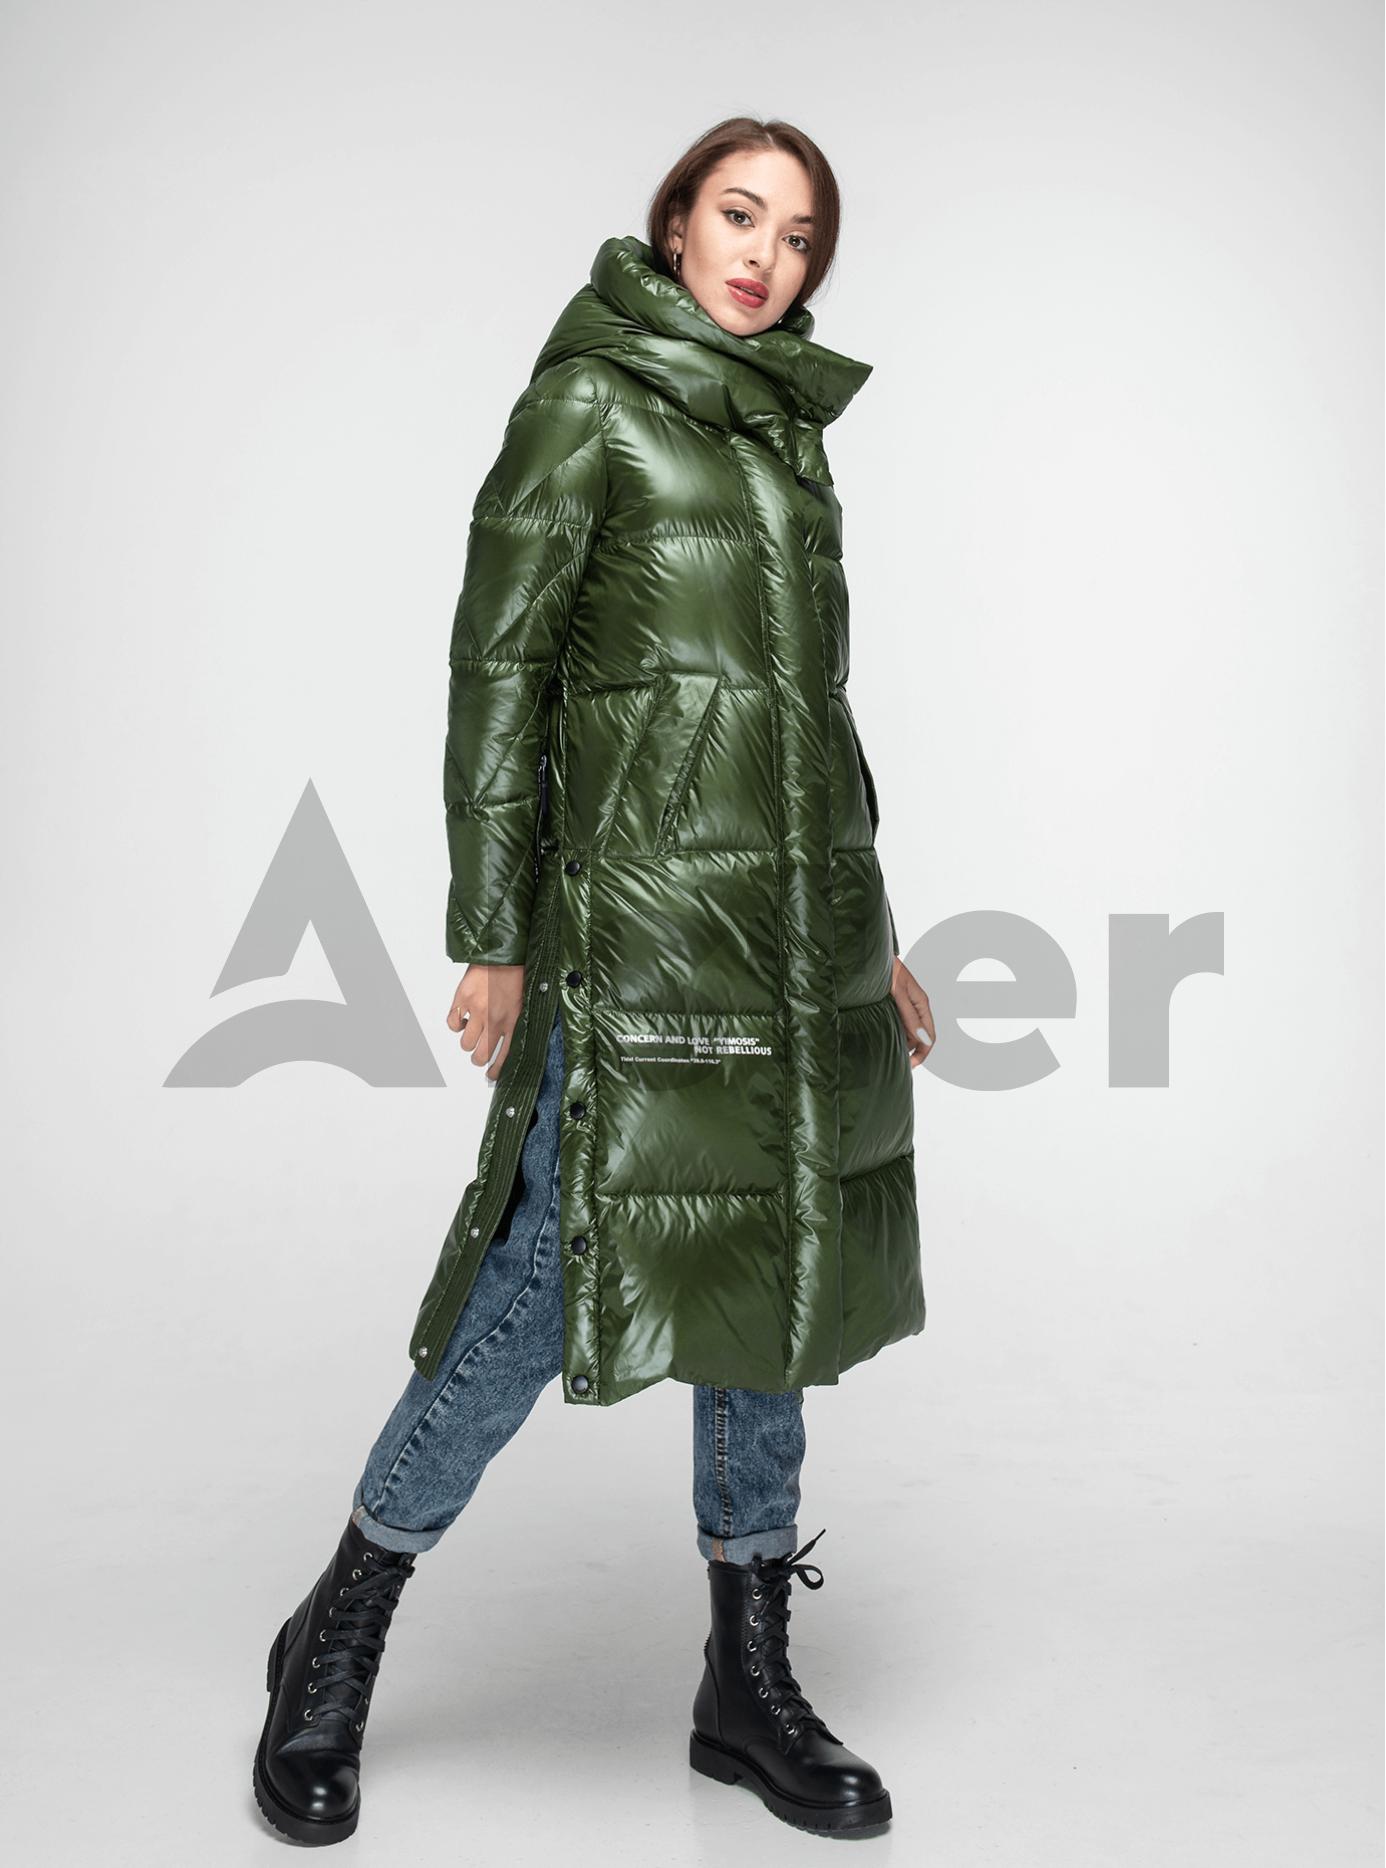 Пуховик женский длинный с разрезами Зелёный L (02-Y191128): фото - Alster.ua